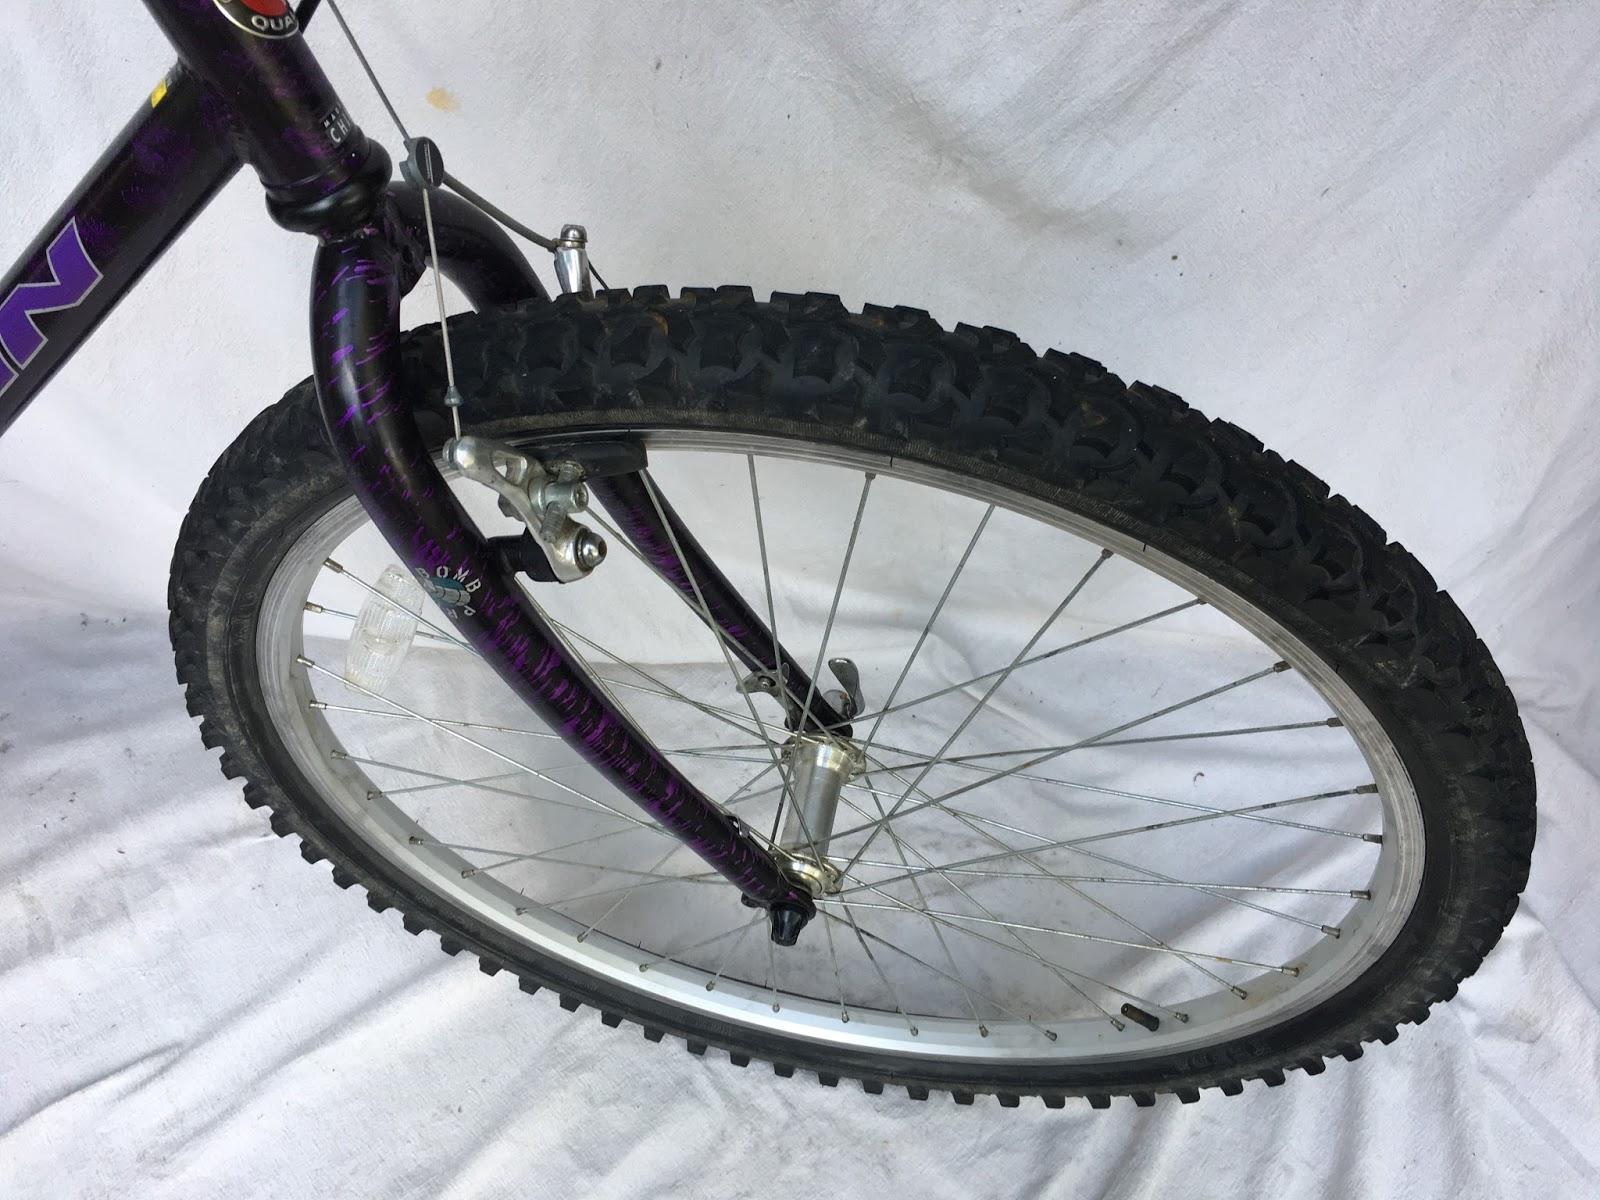 1996 Schwinn Sidewinder 18 Speed Mountain Bike SOLD | The Whistle